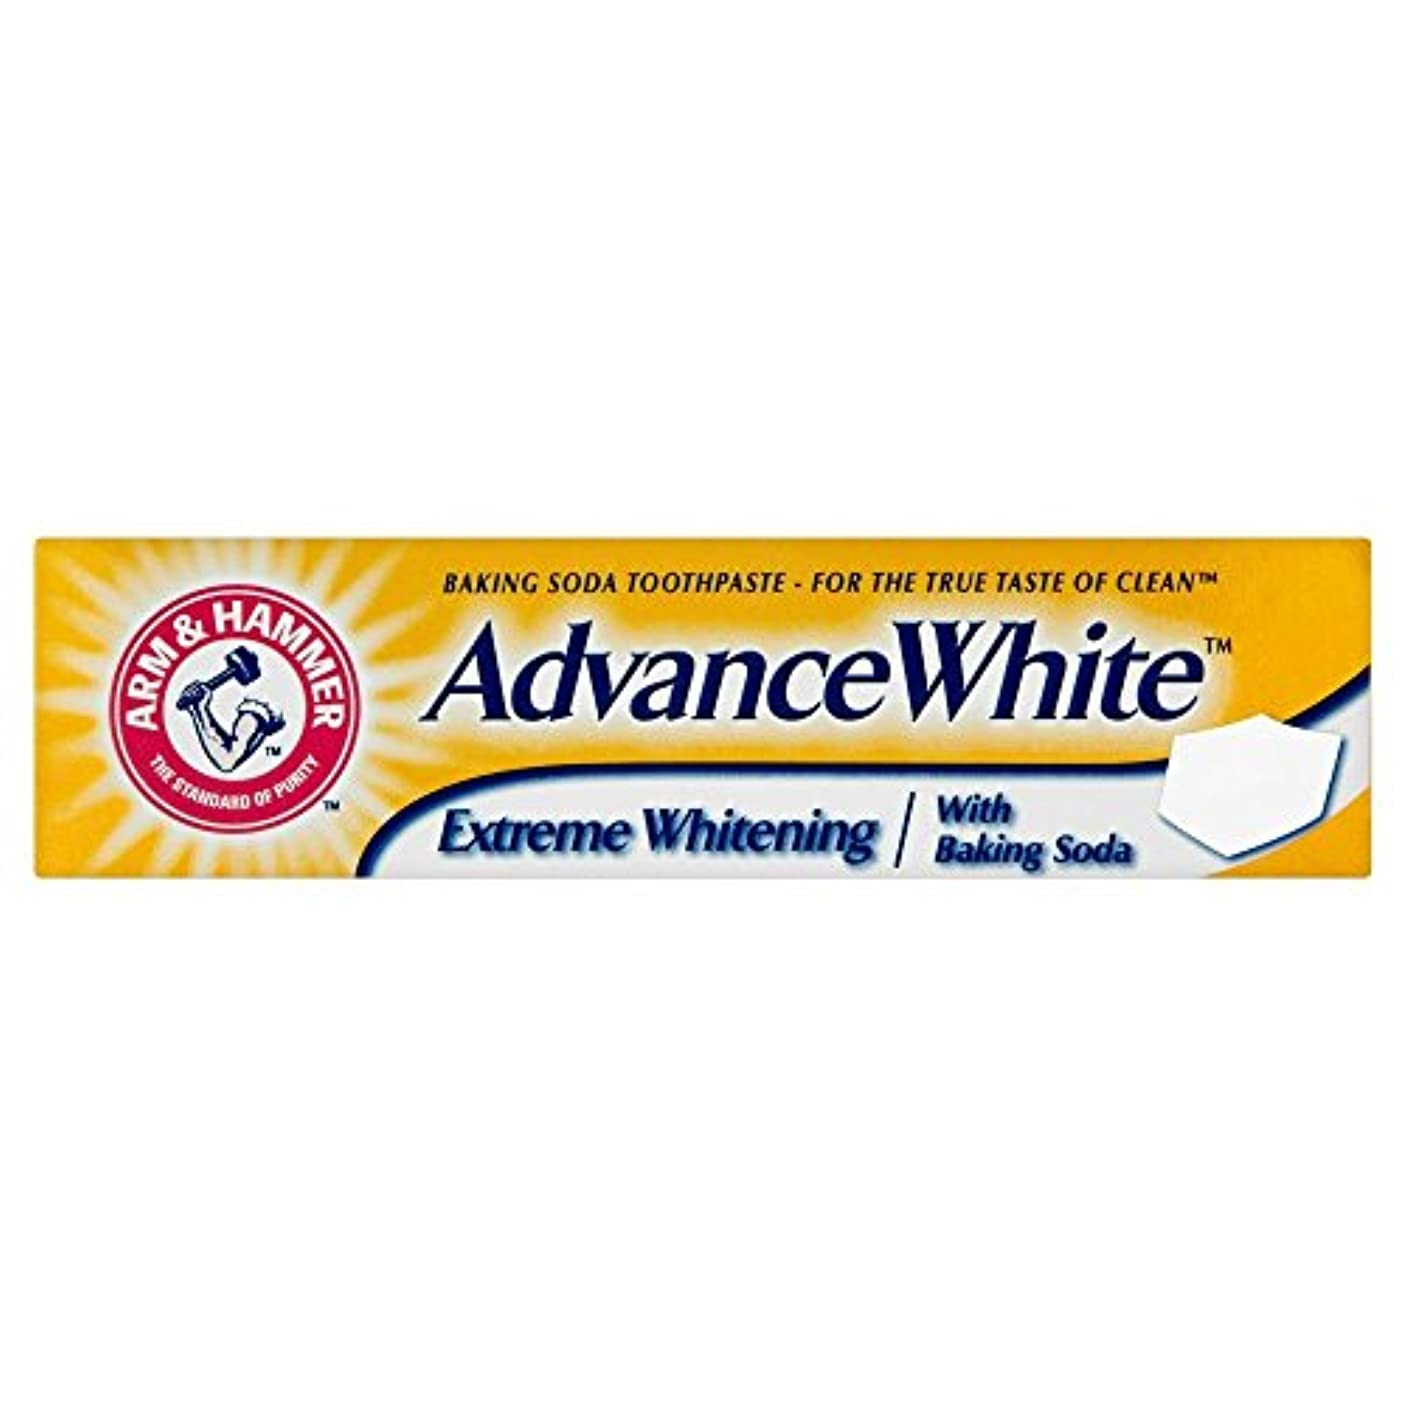 資本主義ポンドヒープArm & Hammer Advanced Whitening Toothpaste Tube (75ml) アームとハンマーは美白高度な歯磨き粉のチューブ( 75ミリリットル) [並行輸入品]